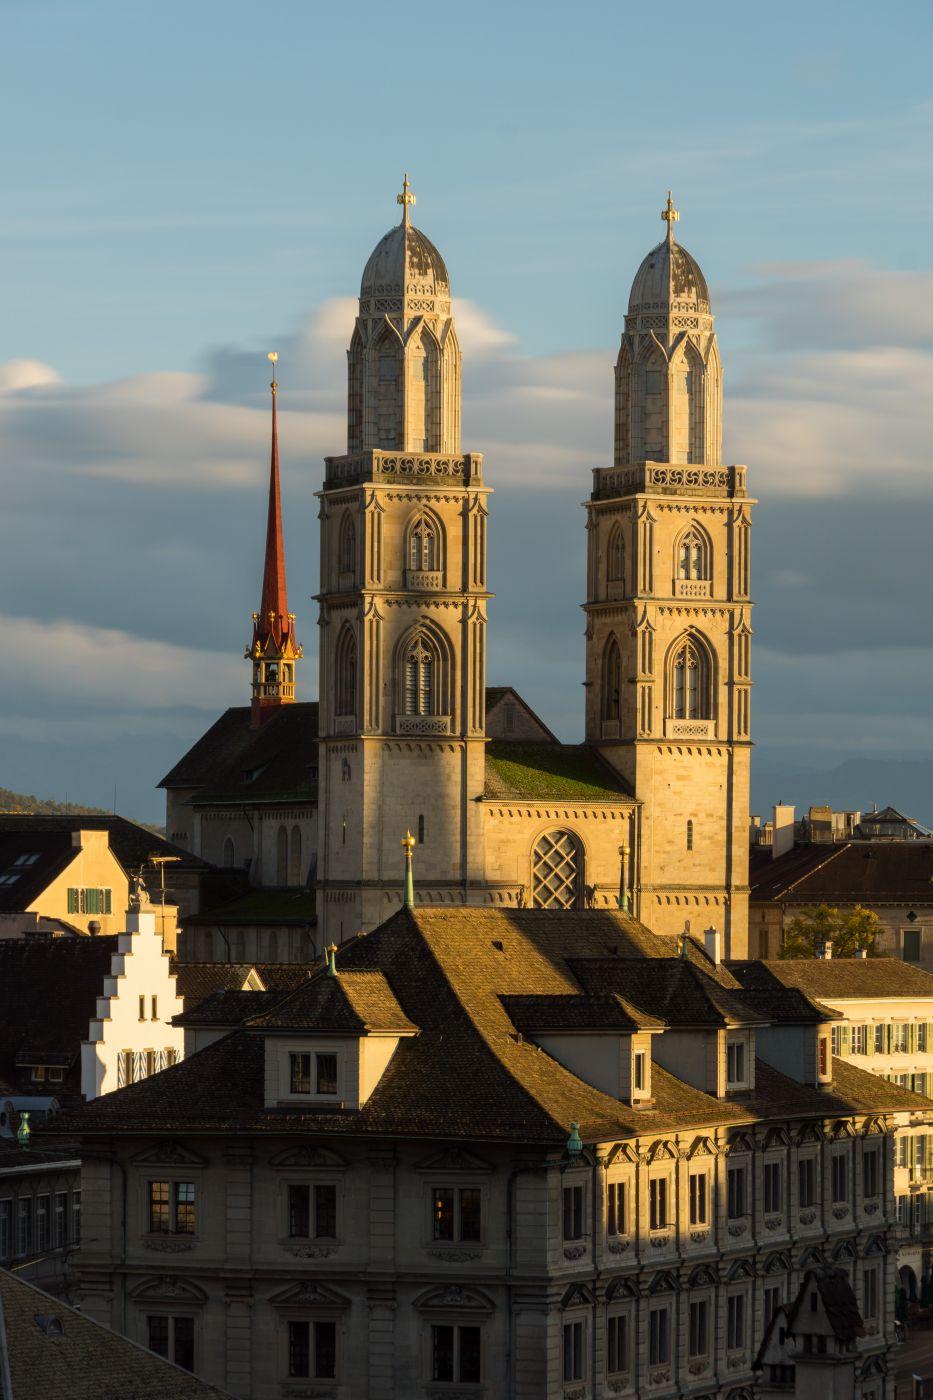 Grossmünster from Lindenhof, Switzerland